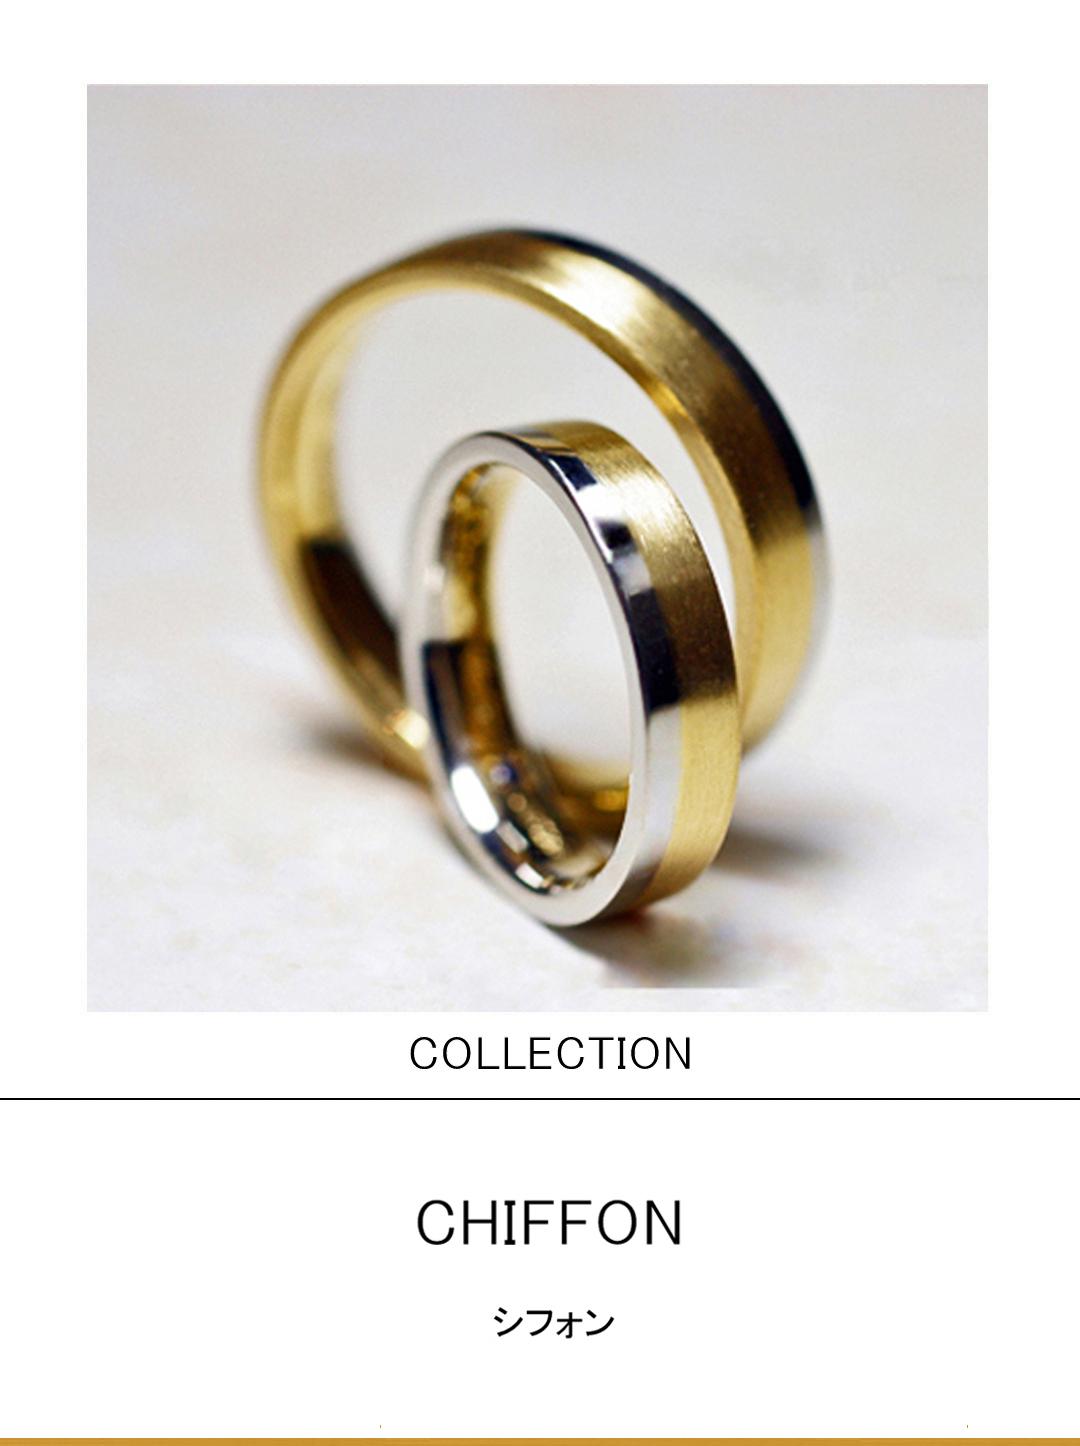 ゴールドとグレーゴールドをシフォンカラーに組み合わせた結婚指輪のサムネイル